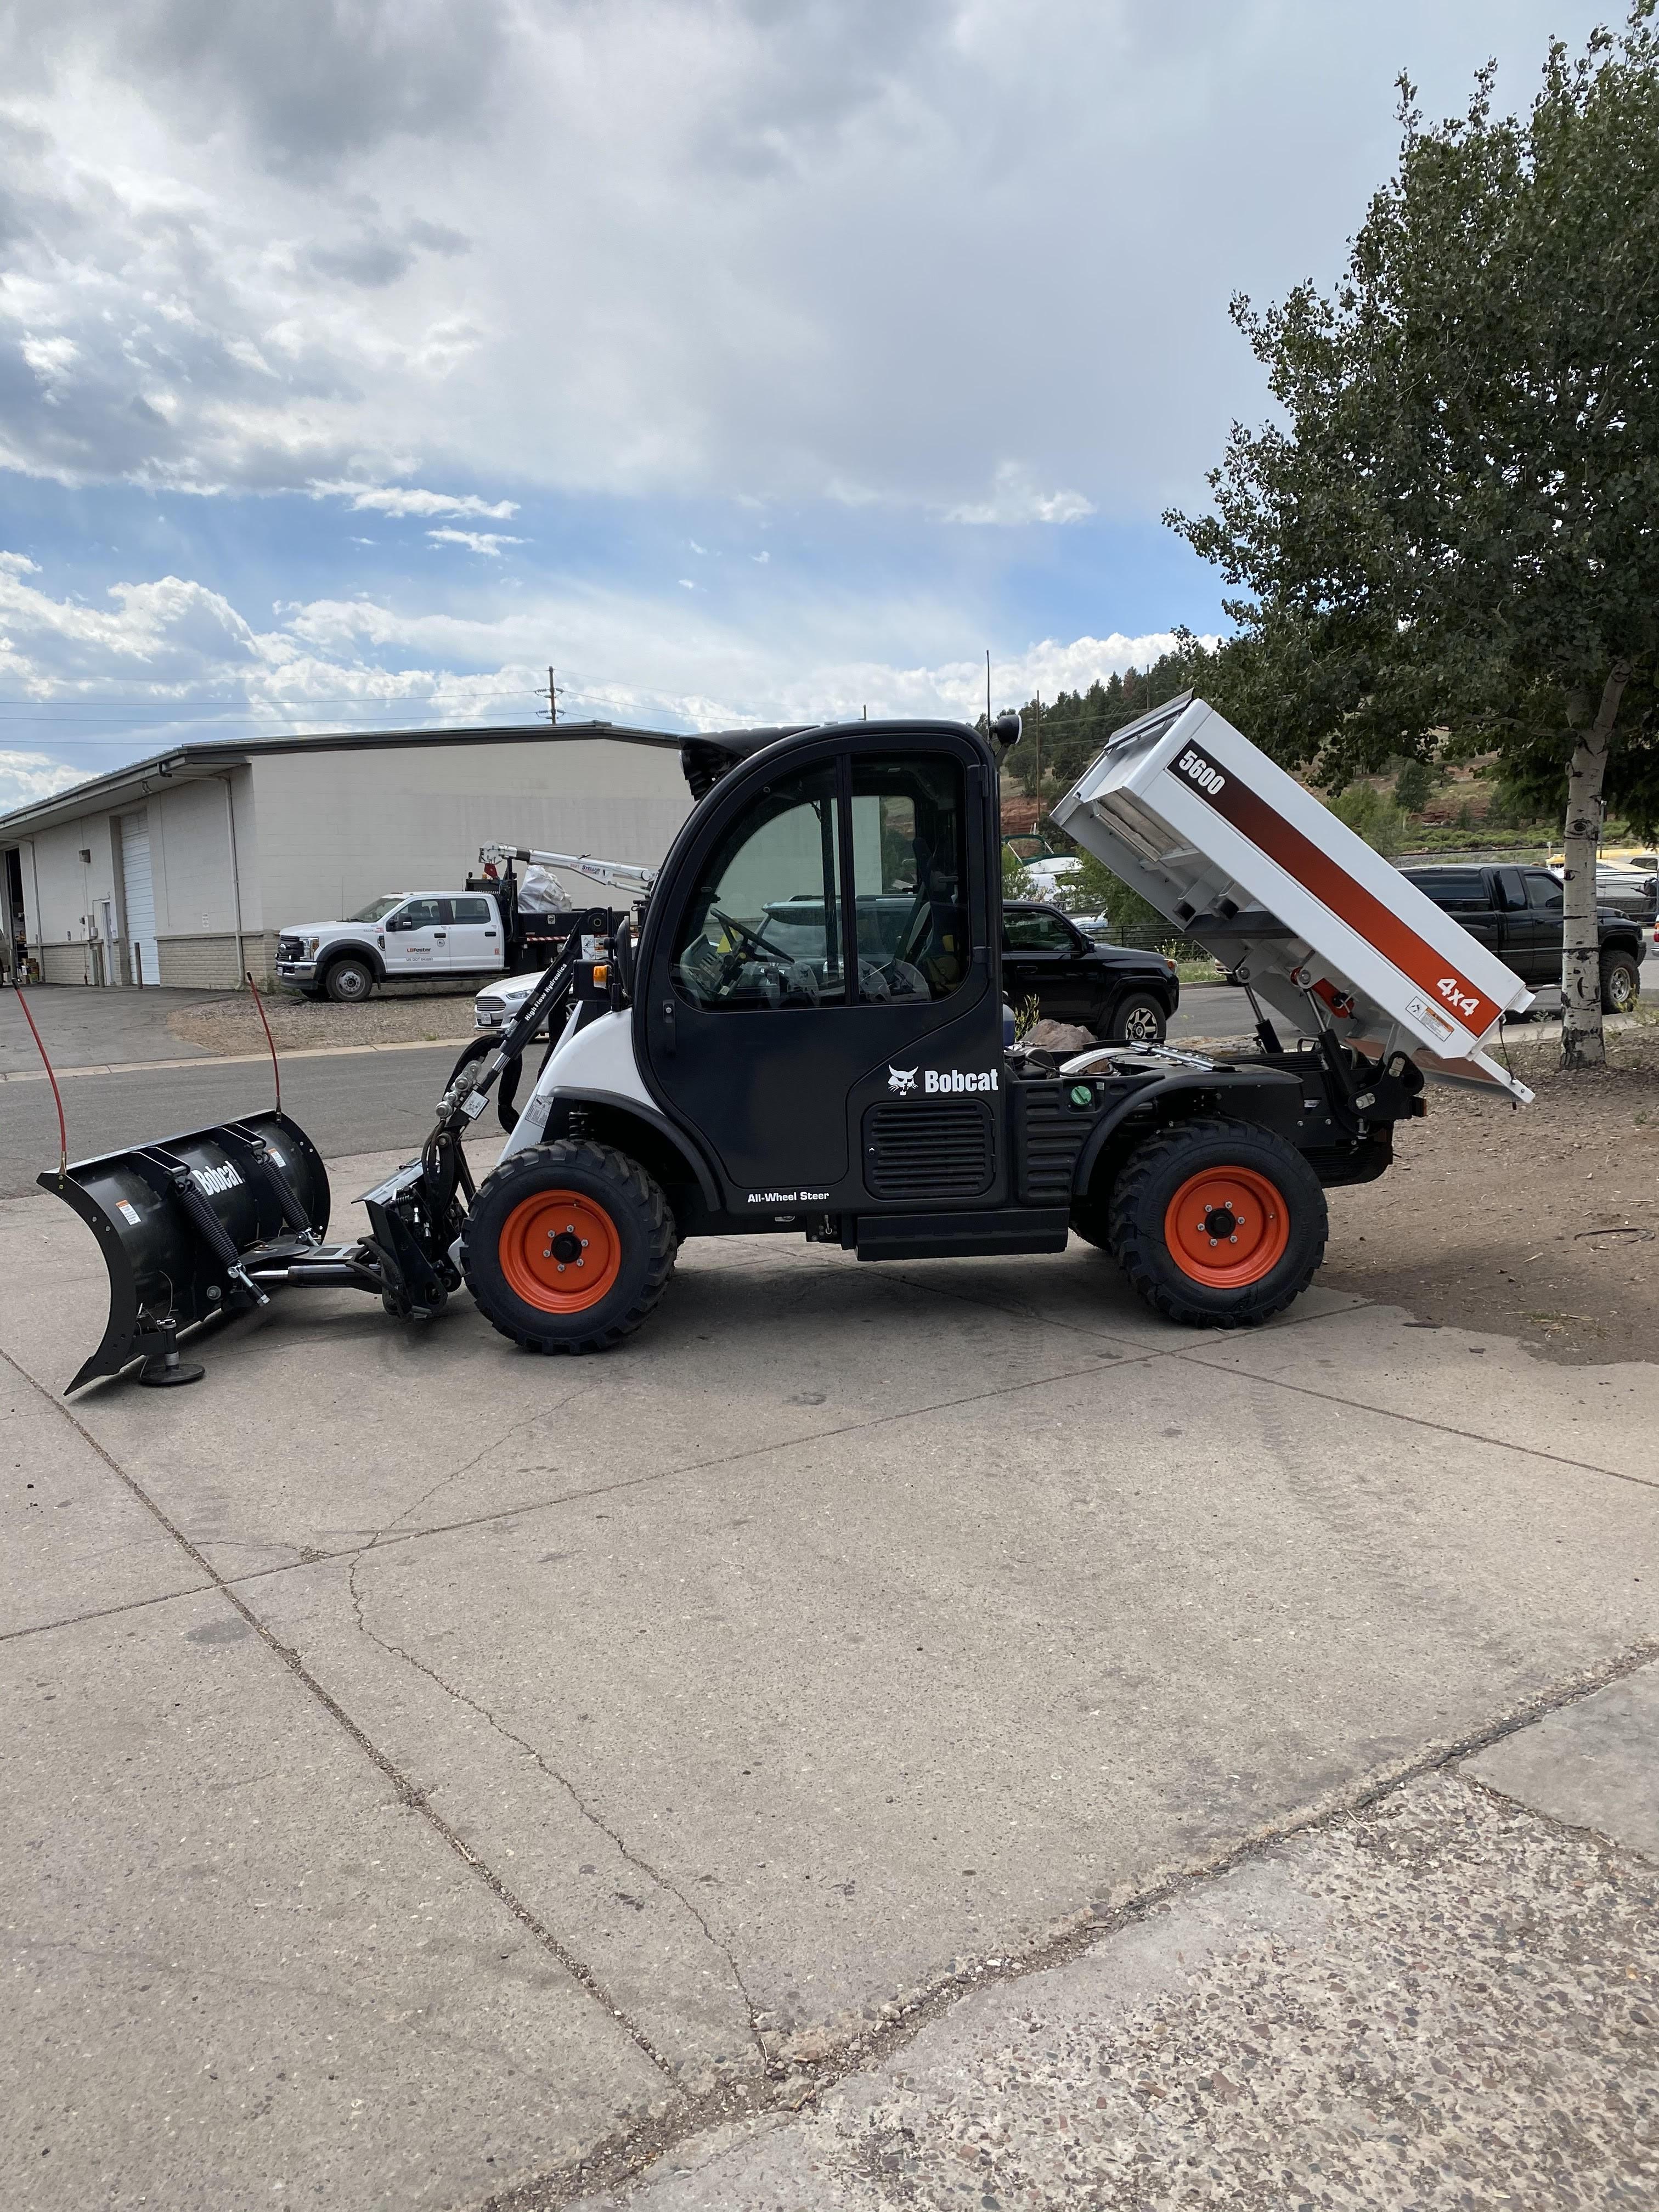 Used, 2021, Bobcat, 5600, Utility Vehicles